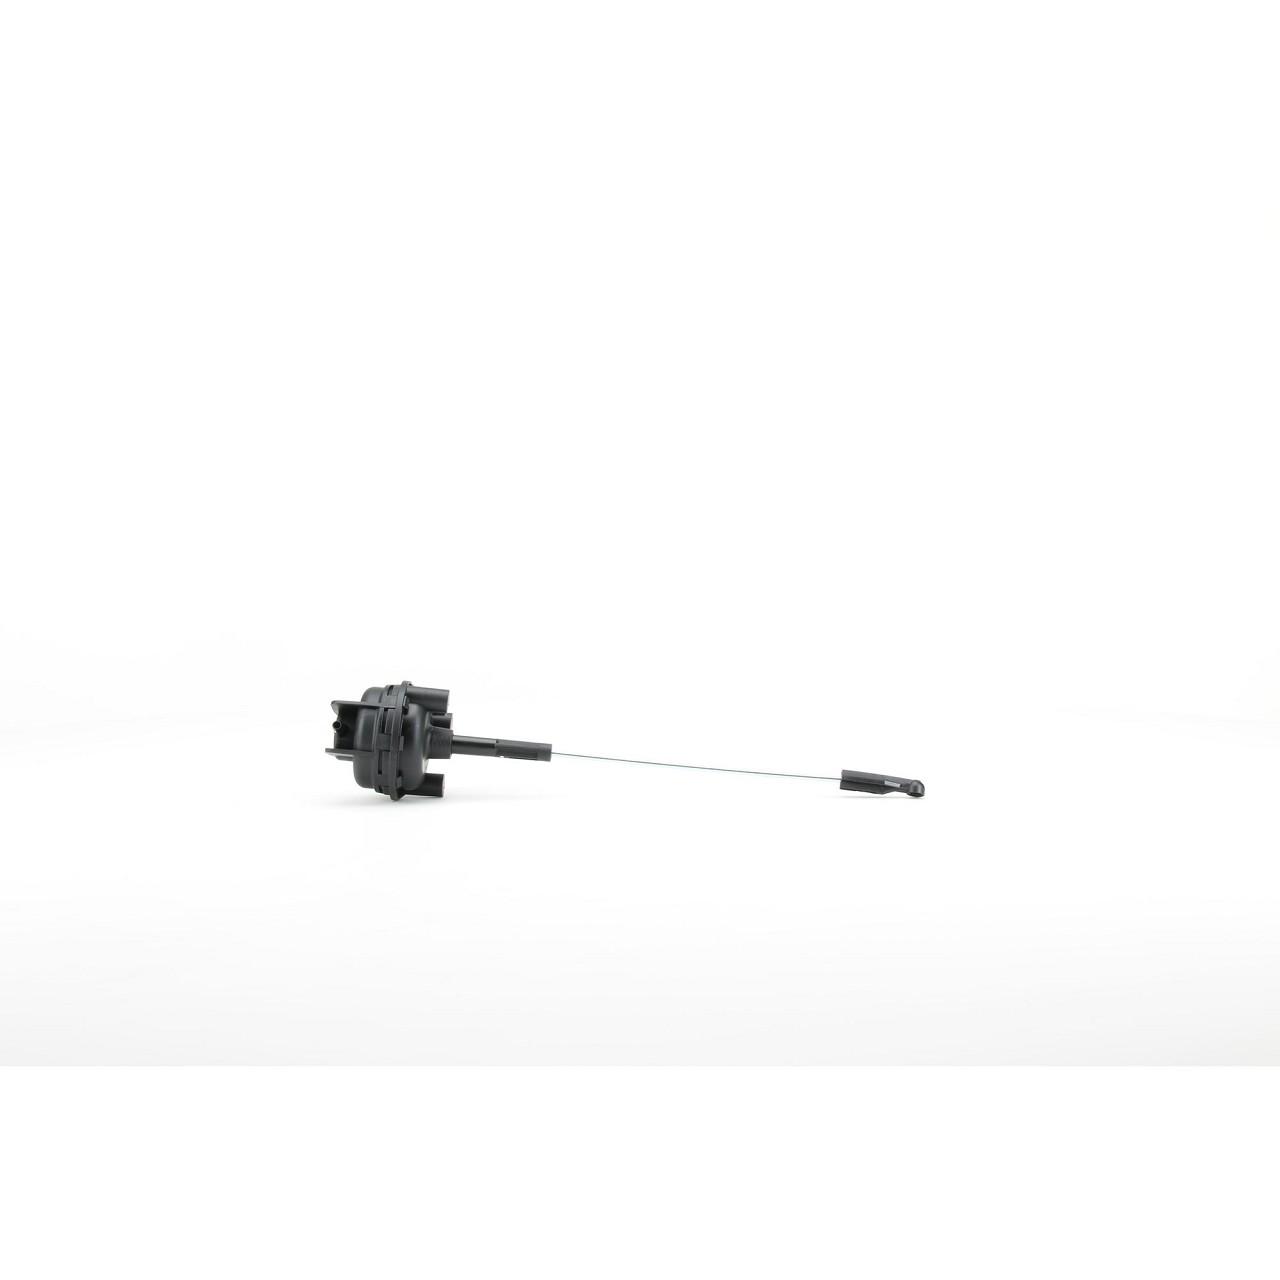 ORIGINAL Citroen Entlüftungsmembran Kurbelgehäuseentlüftung C5 2.2HDi 0363.87